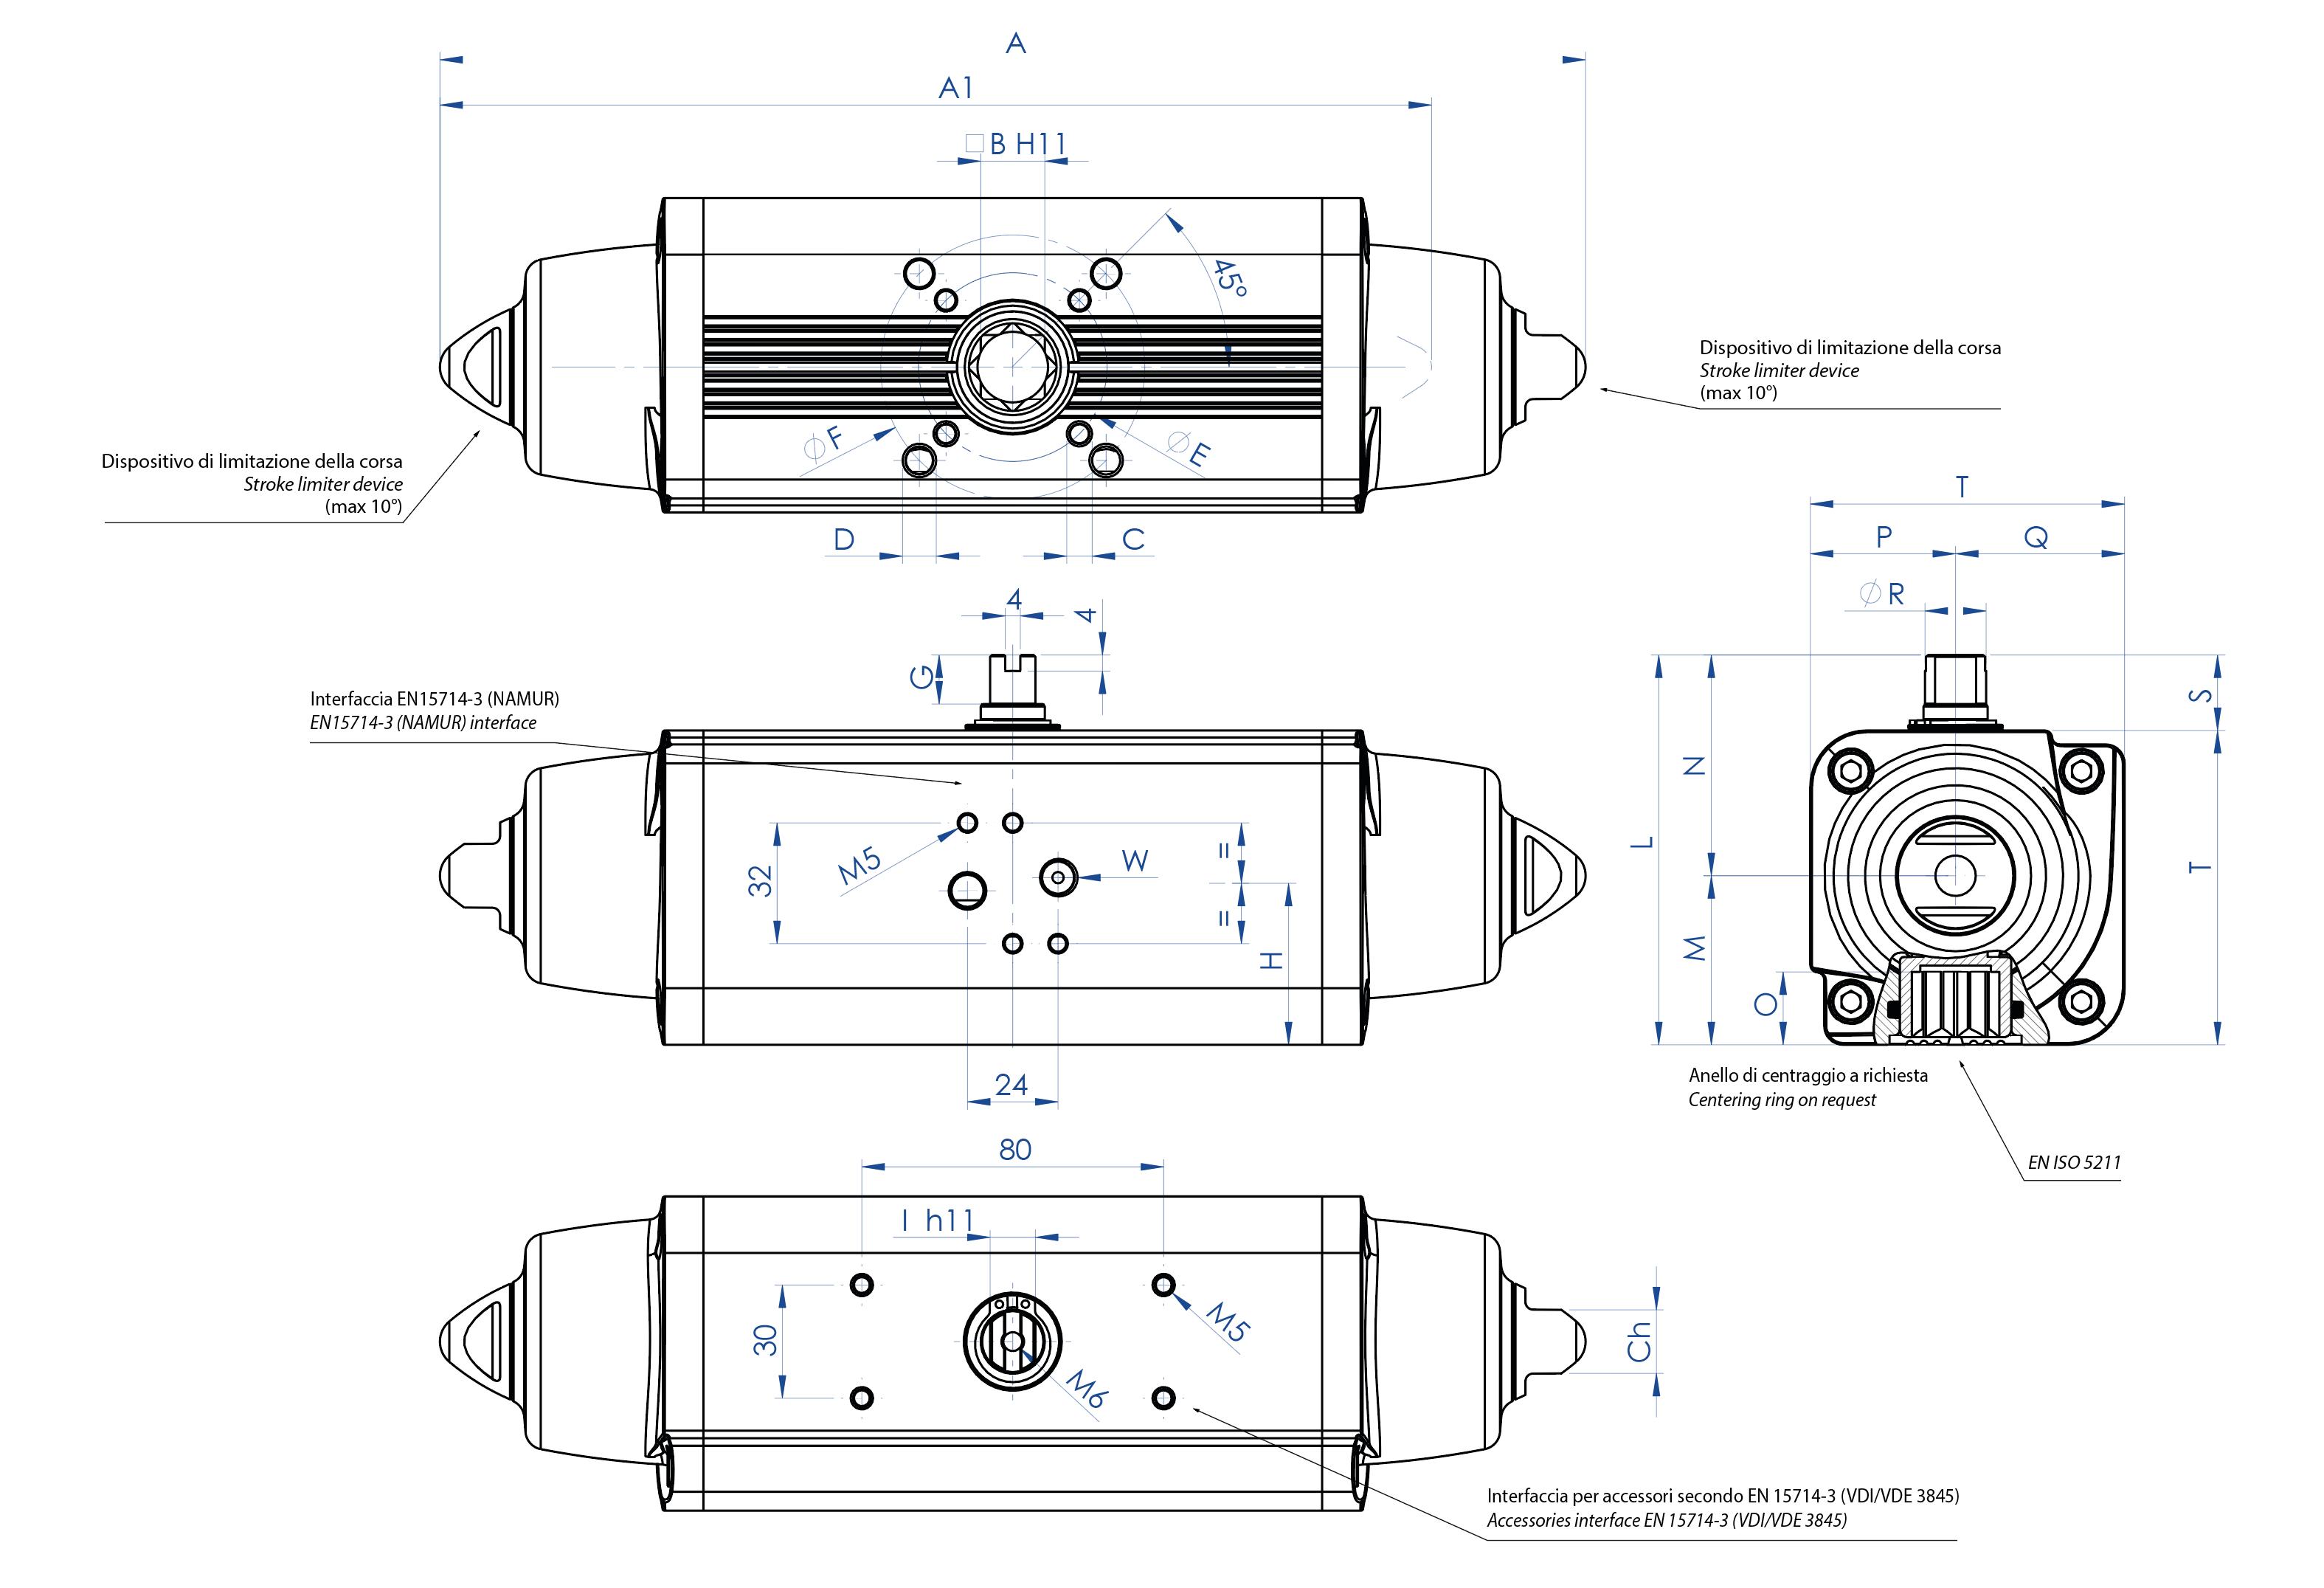 Attuatore pneumatico semplice effetto GS in alluminio - dimensioni - Attuatore pneumatico semplice effetto misure dal GS15 (Nm) al GS960 (Nm)